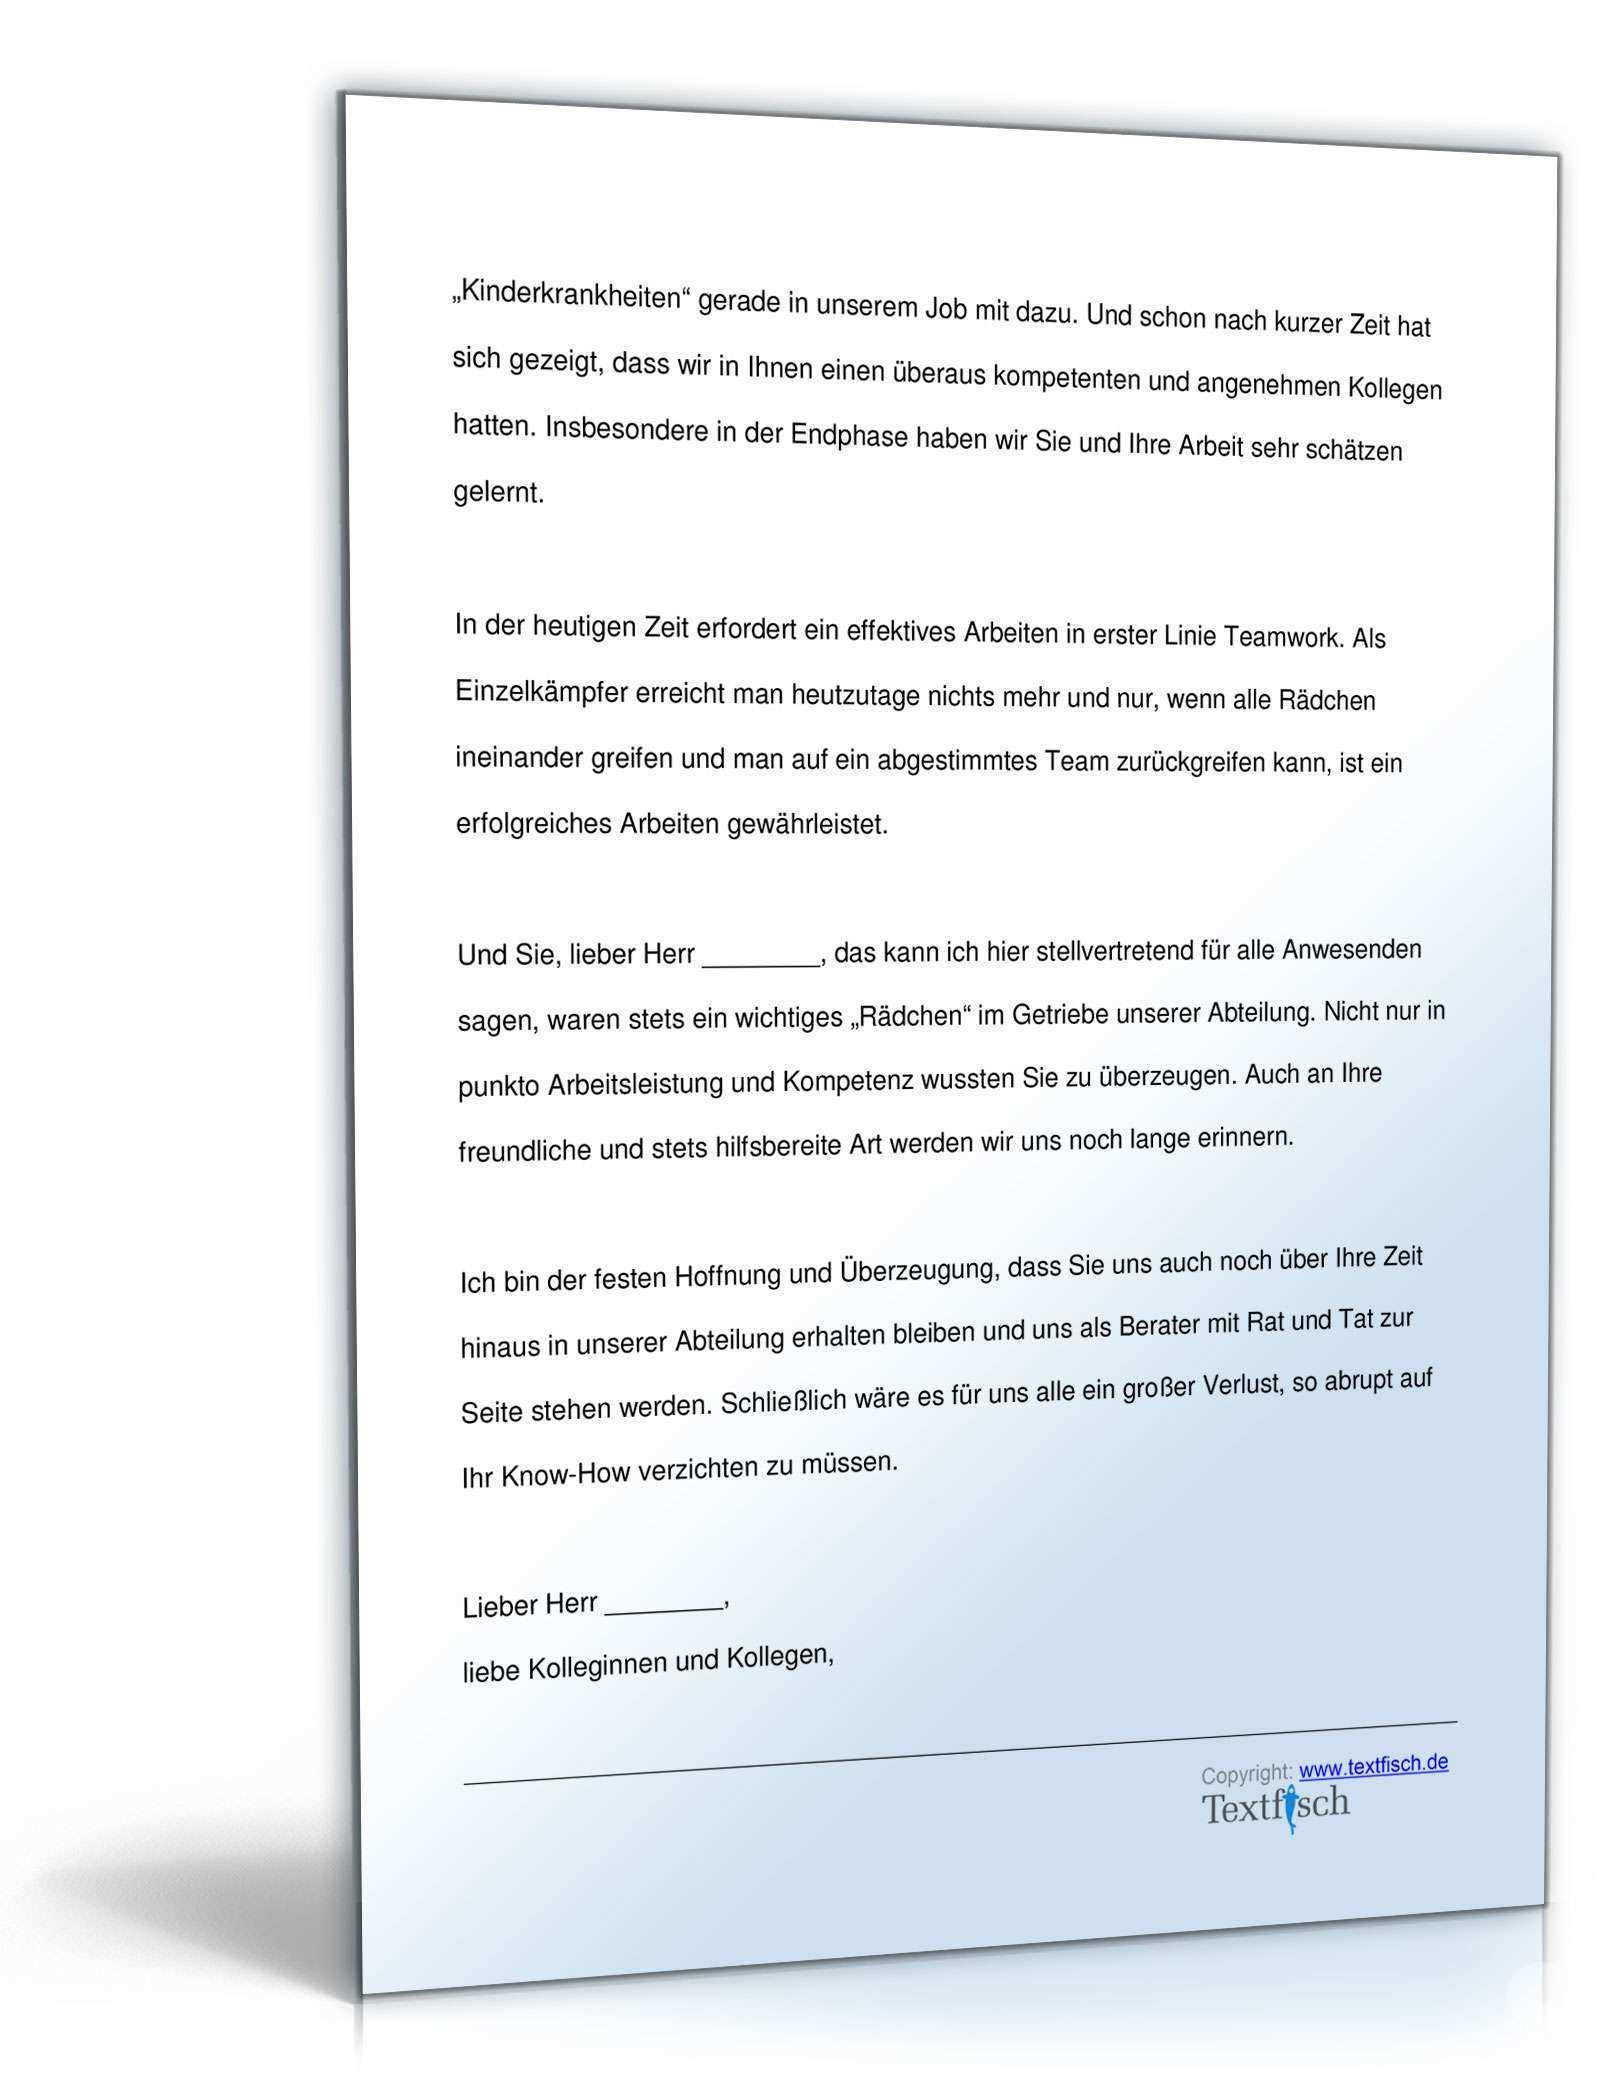 Abschiedsrede Fur Einen Kollegen Musterrede Zum Download